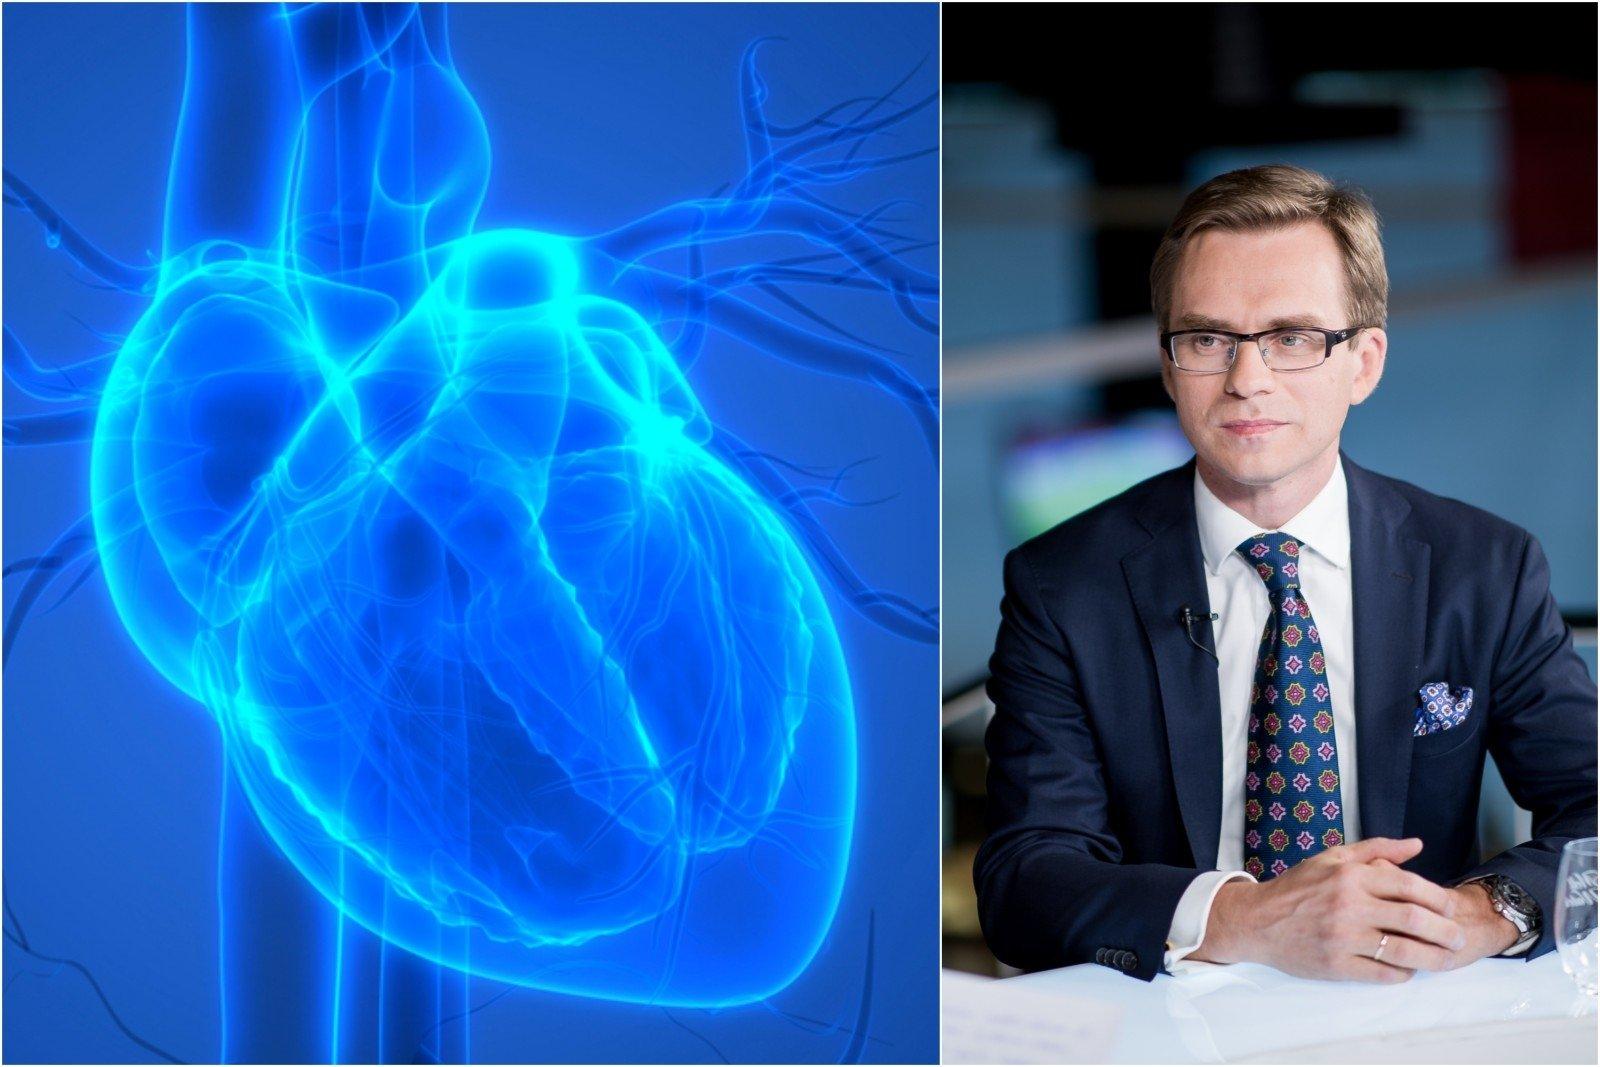 kokiomis priemonėmis galima gydyti hipertenziją